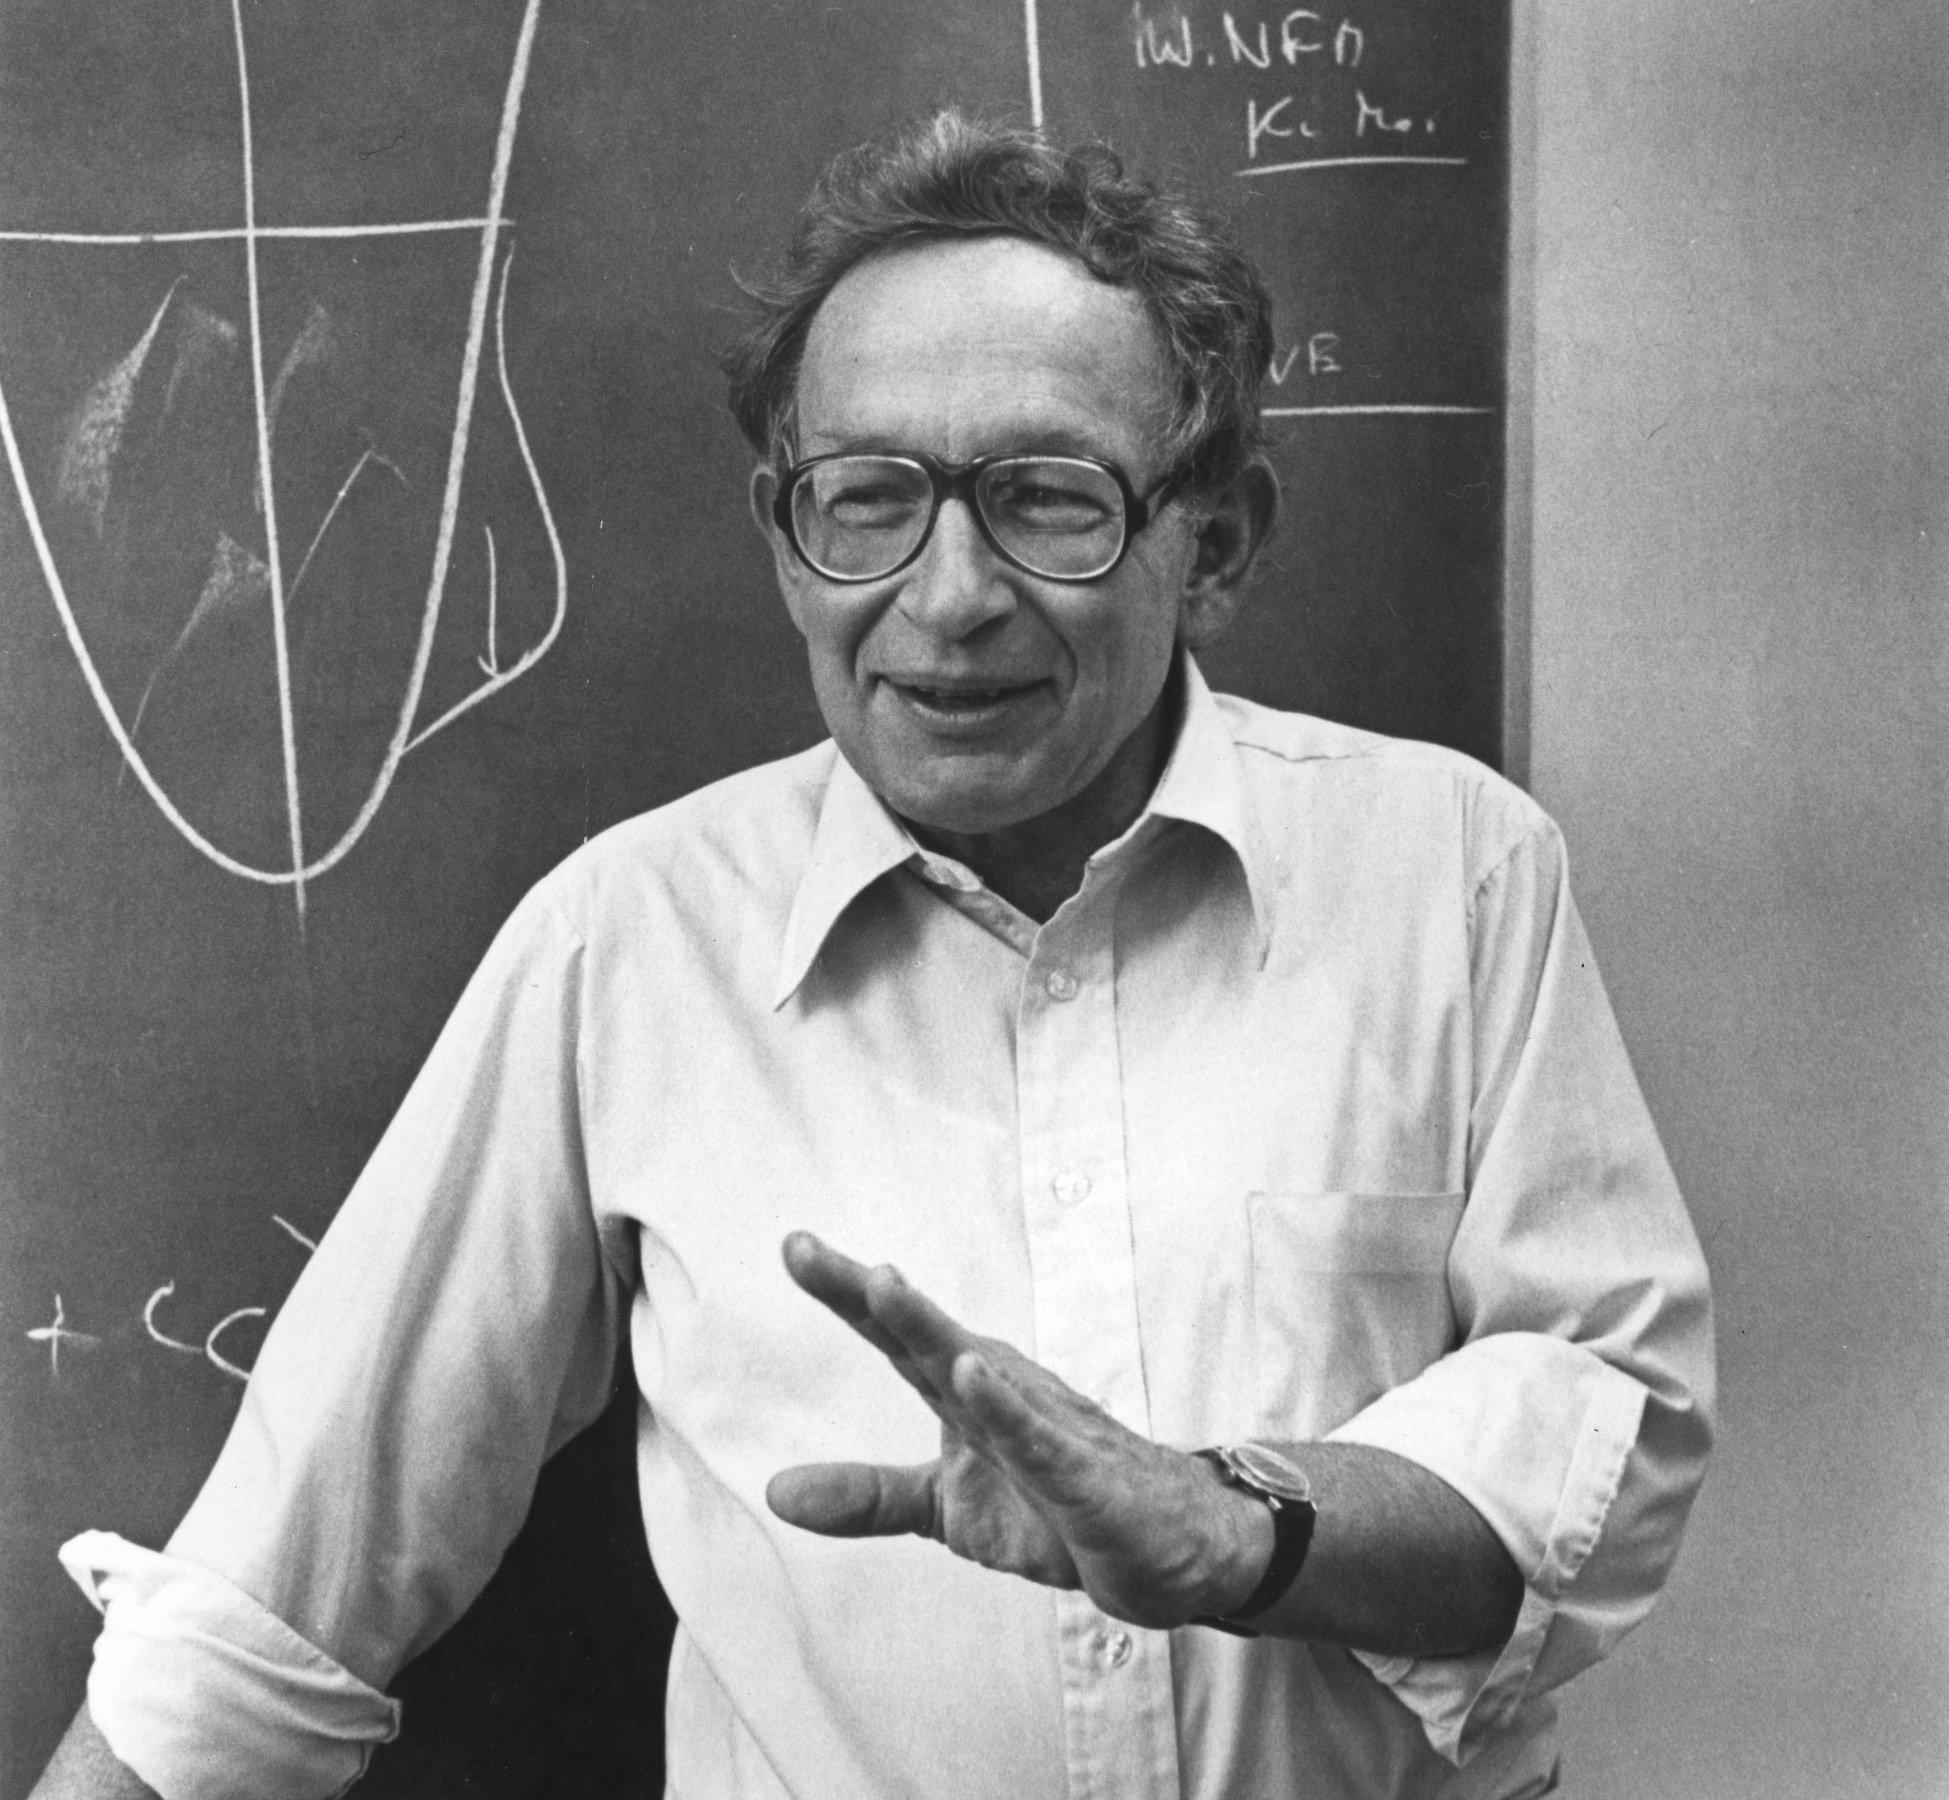 philip-anderson-Nobel-Prize-Winner.jpg